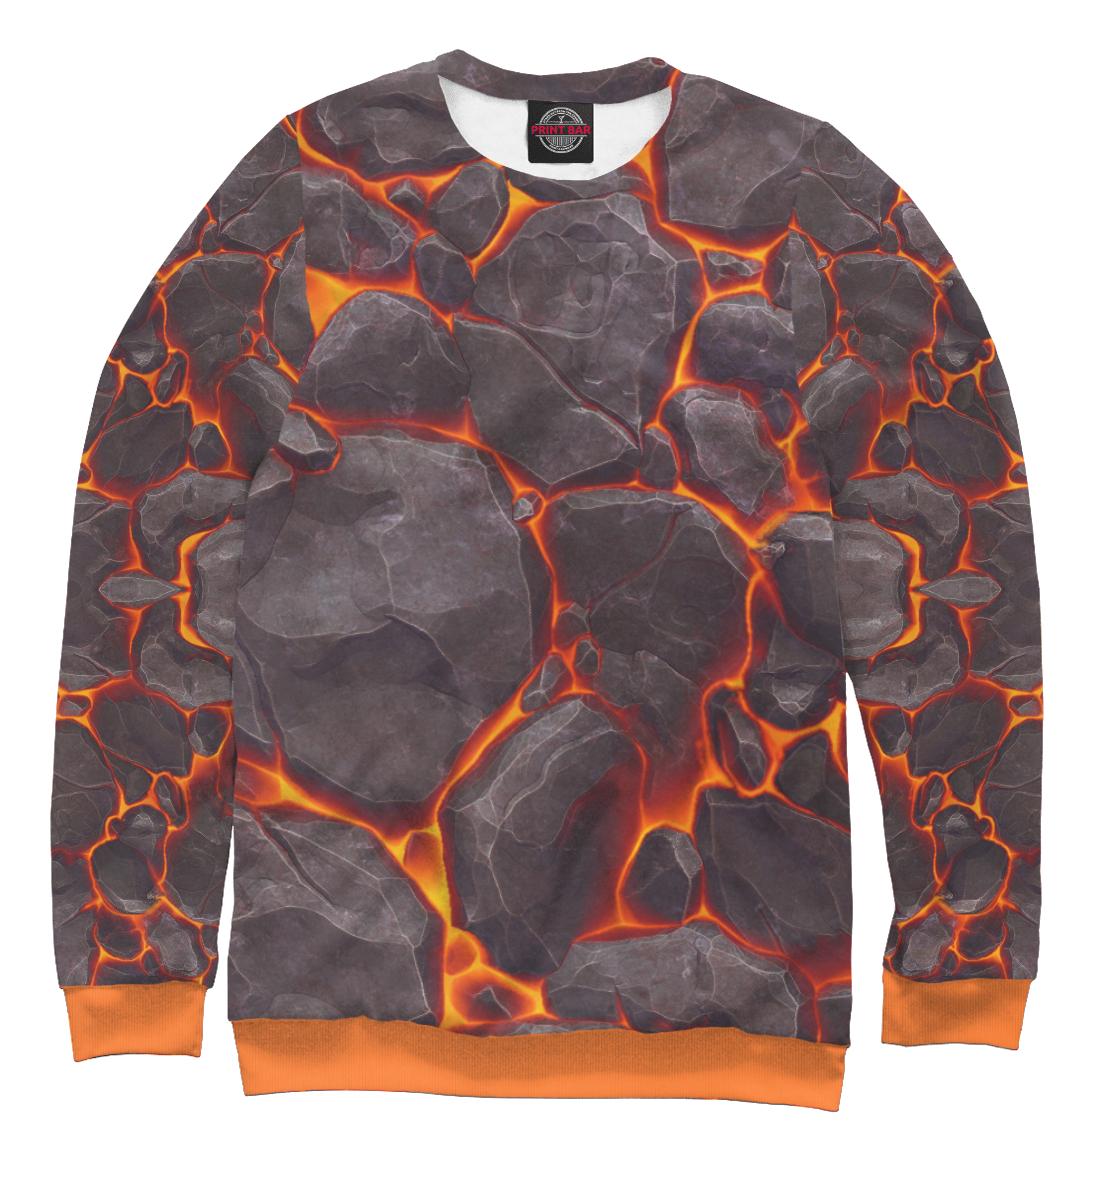 Купить Lava, Printbar, Свитшоты, APD-972882-swi-2